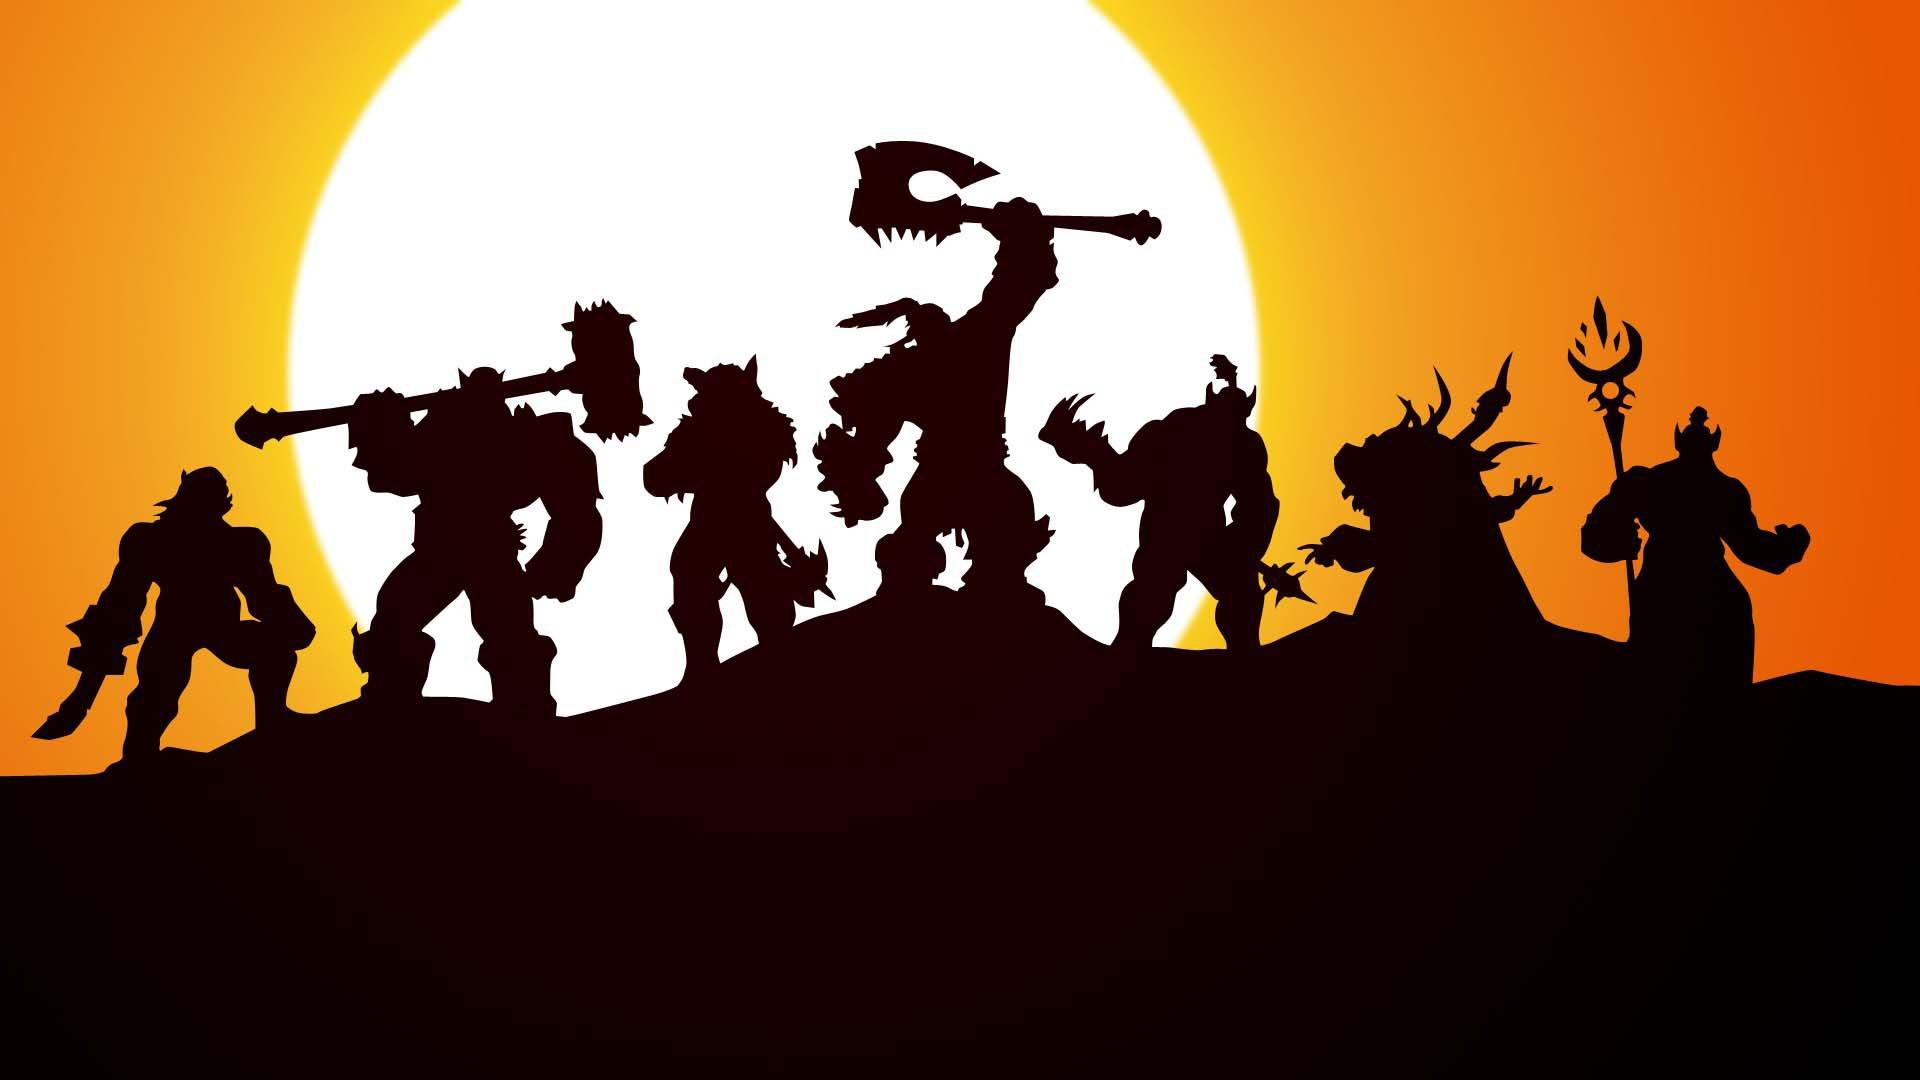 游企再玩创新: 《魔兽世界》电影vr版未来不是梦